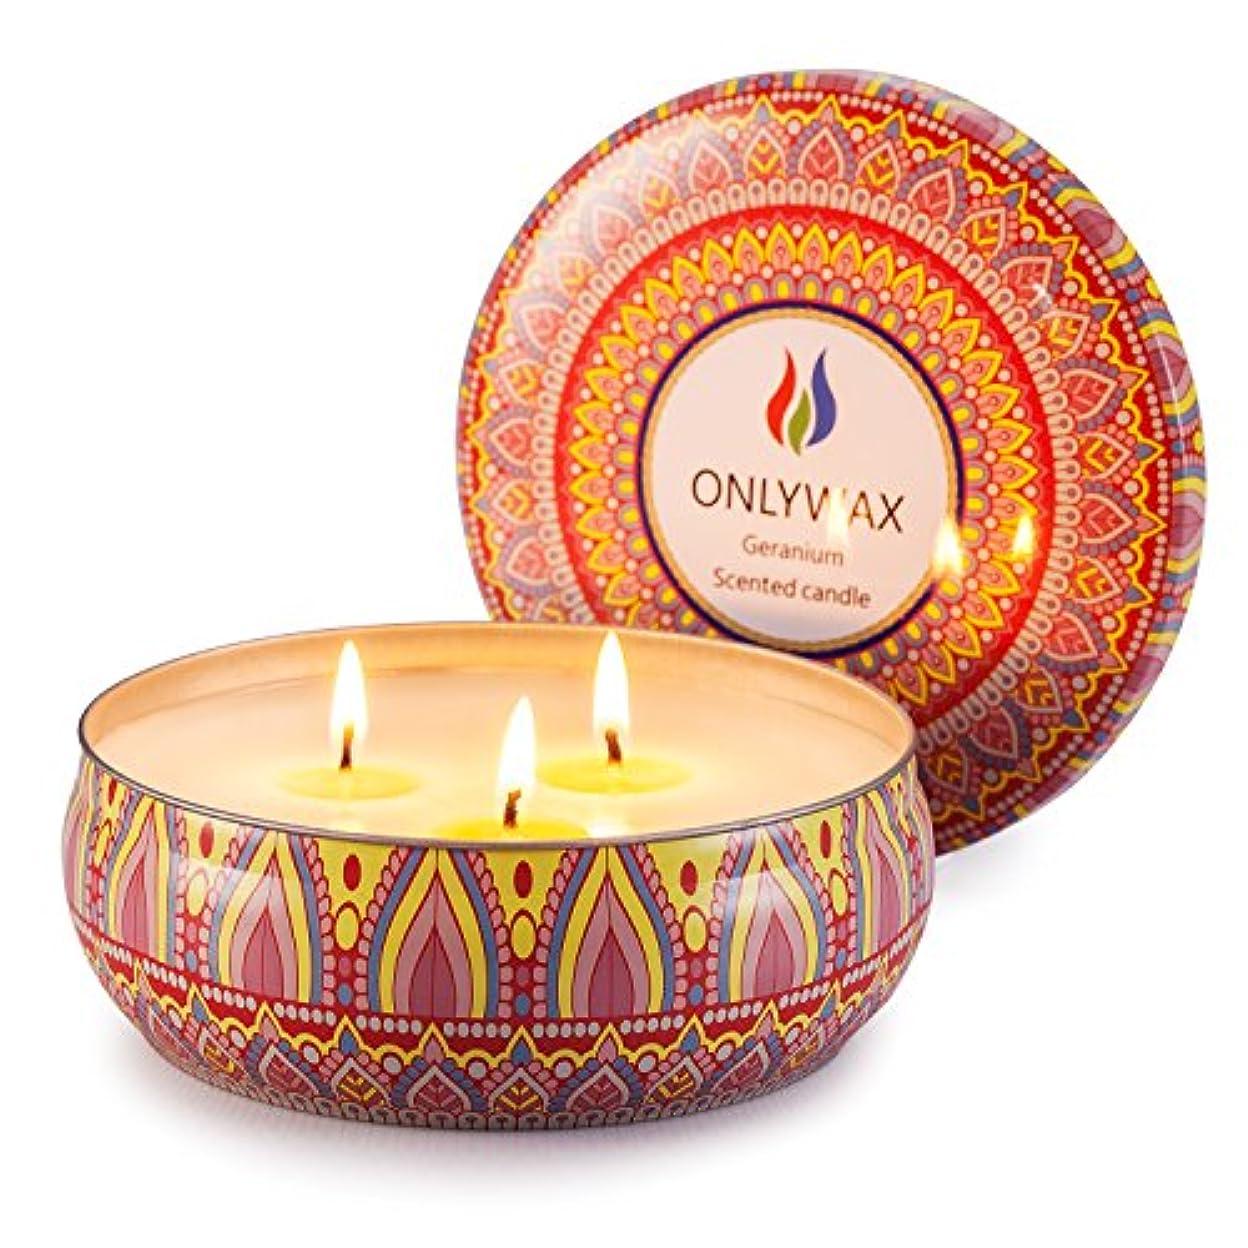 パドル実験的おもしろいScented Candles Soy Wax 3 Wick Tin 70 Hour Burn,Essential Oils-for Stress Relief and Relaxation,Outdoor and Indoor